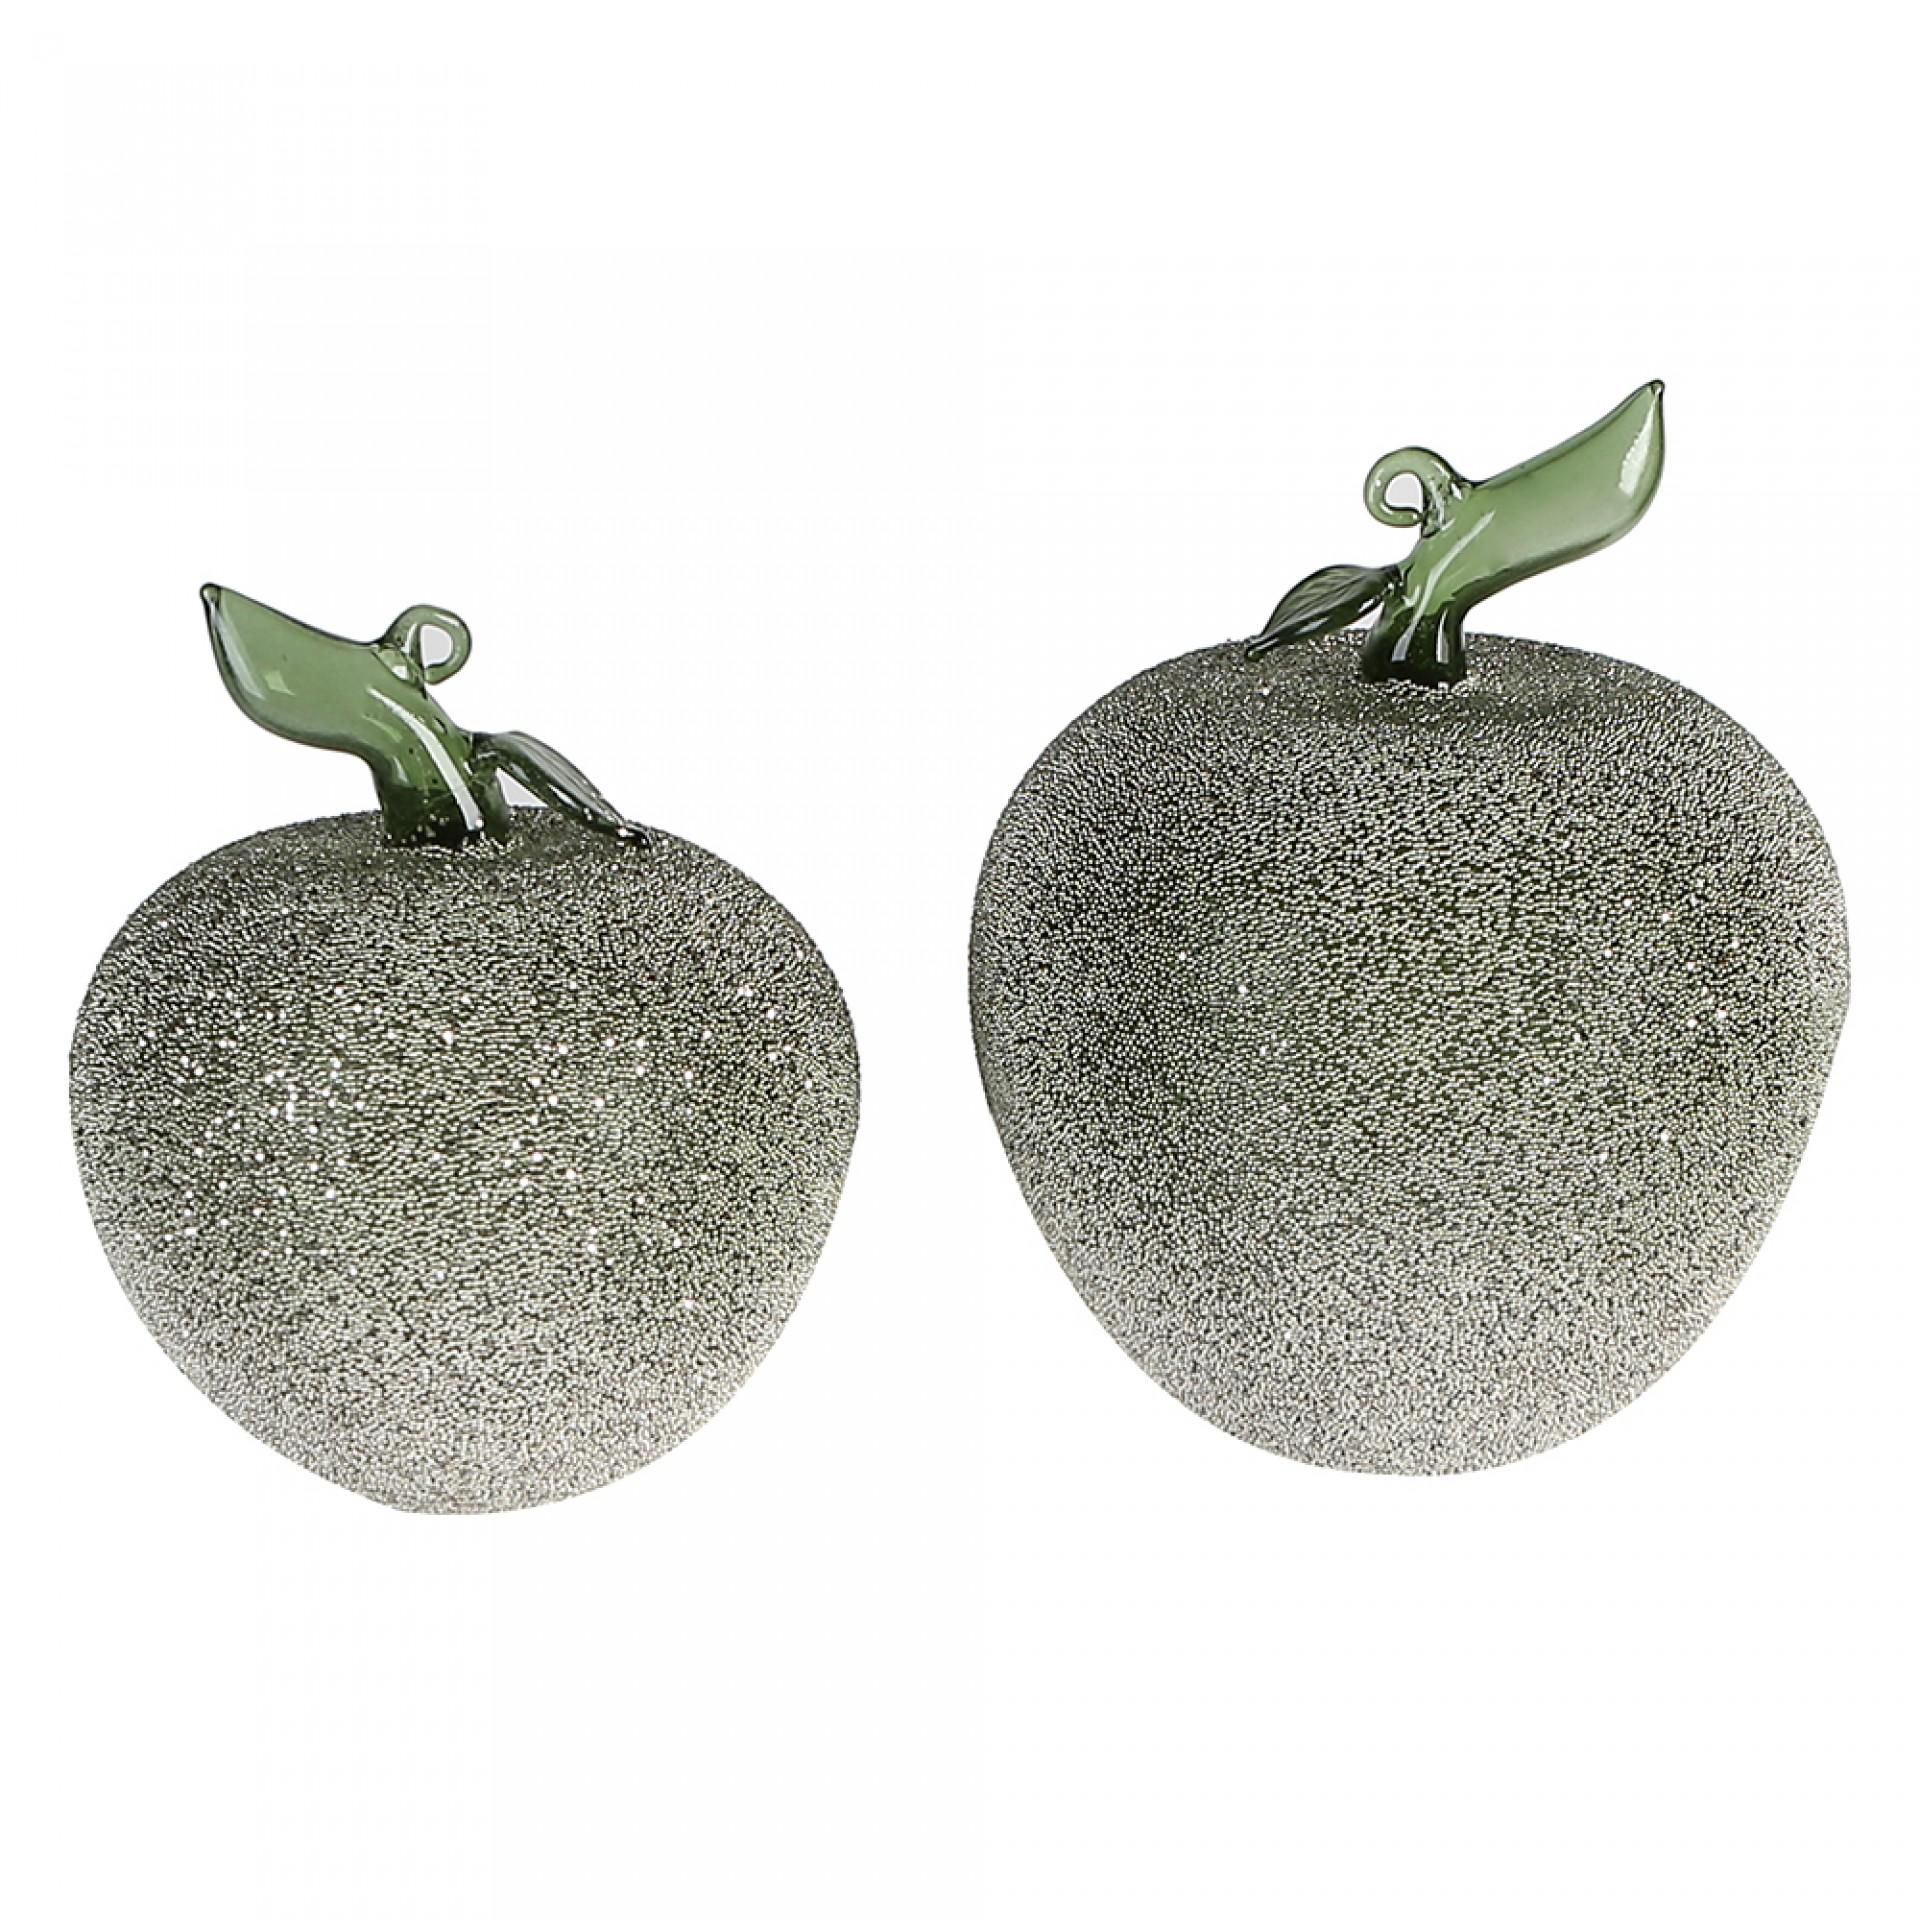 Dekorativní skleněné jablko Pearl, 12 cm